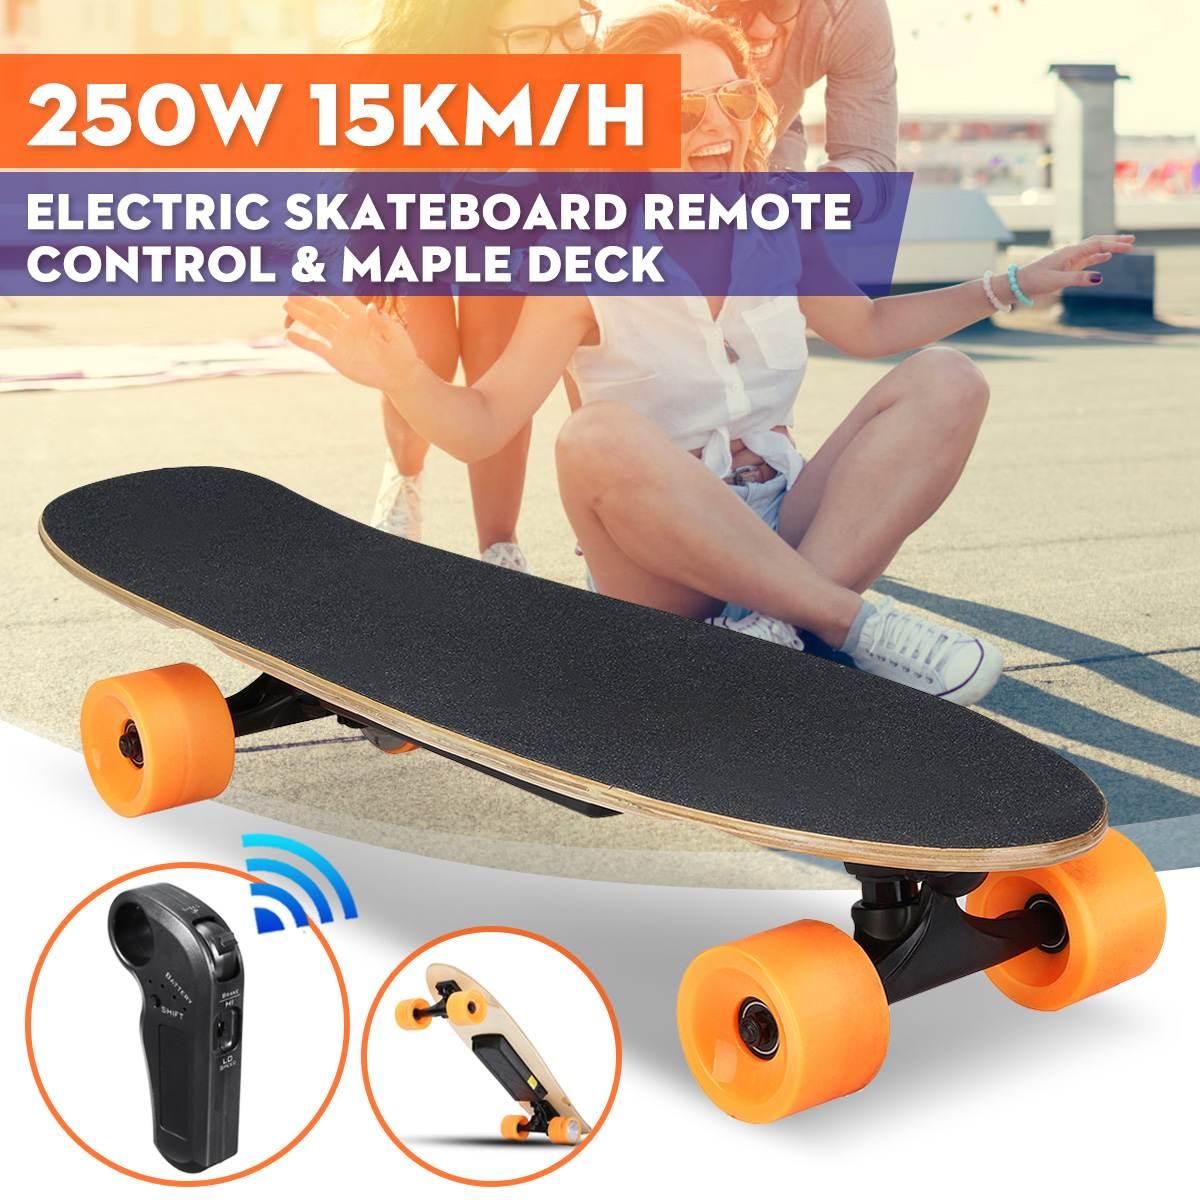 Monopatín eléctrico de cuatro ruedas Tabla de patines Tabla de patín de arce control remoto inalámbrico ruedas de monopatín para niños adultos